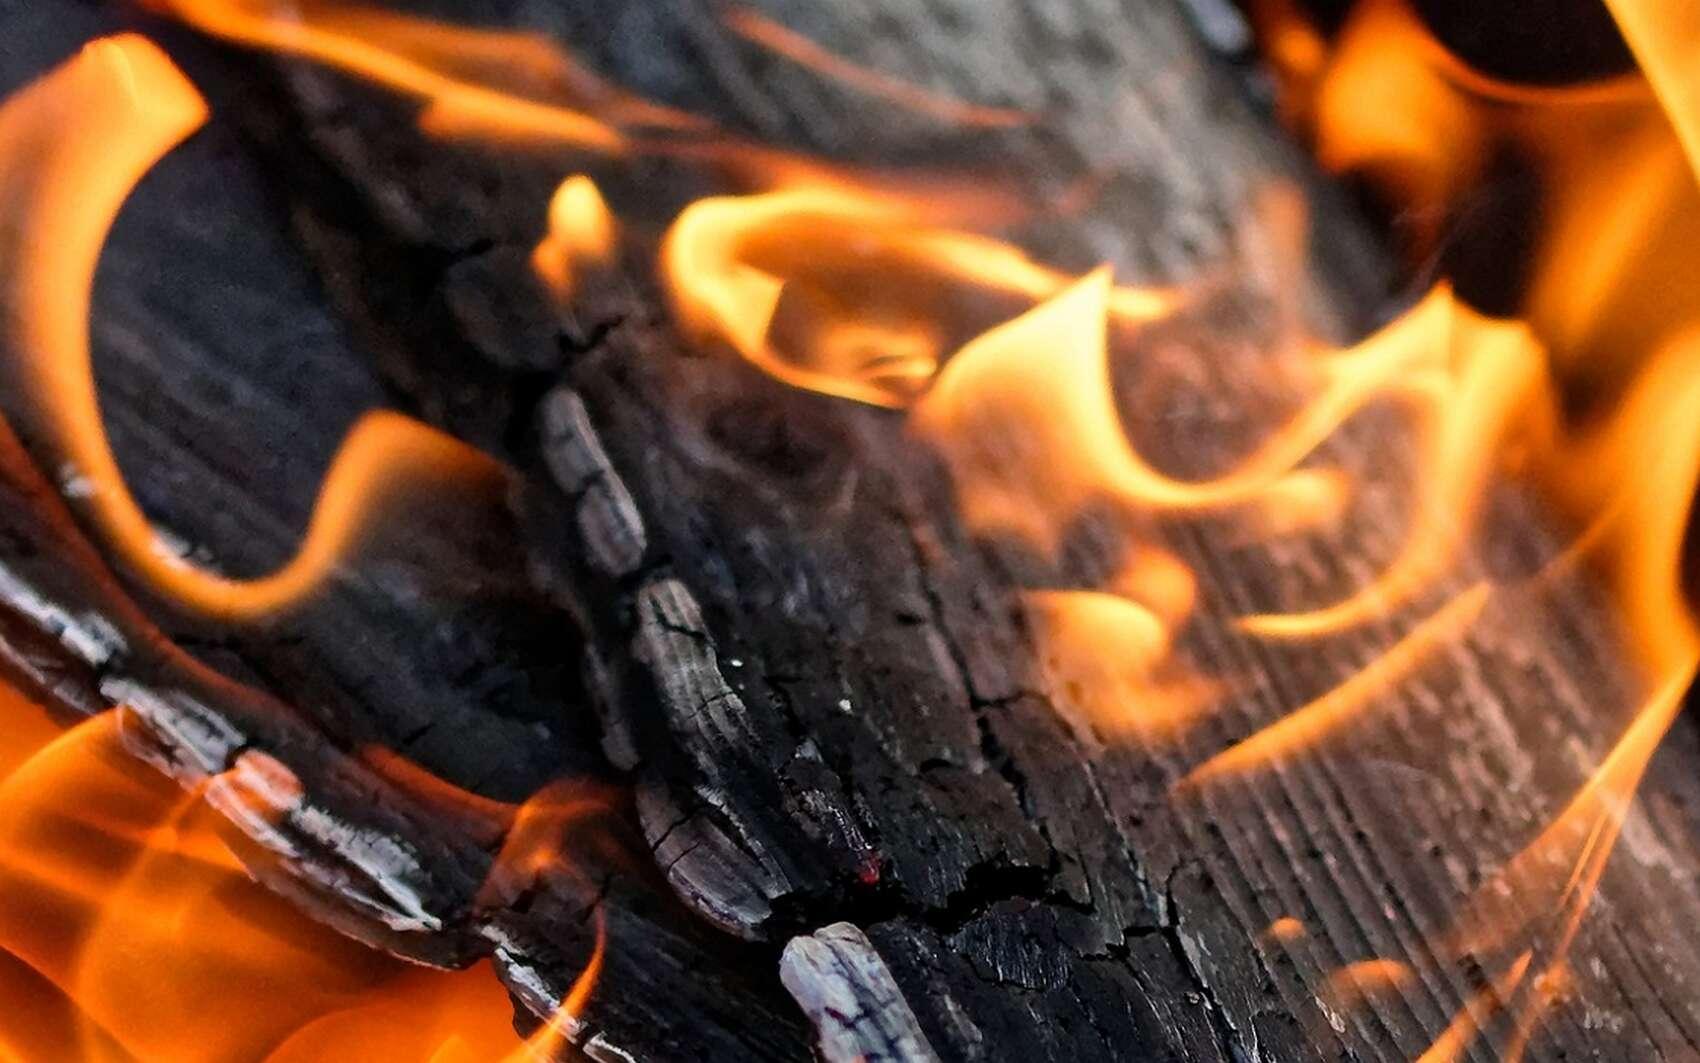 Les cendres de bois constituent un allié naturel au jardinier. © Alexas_fotos, Pixabay